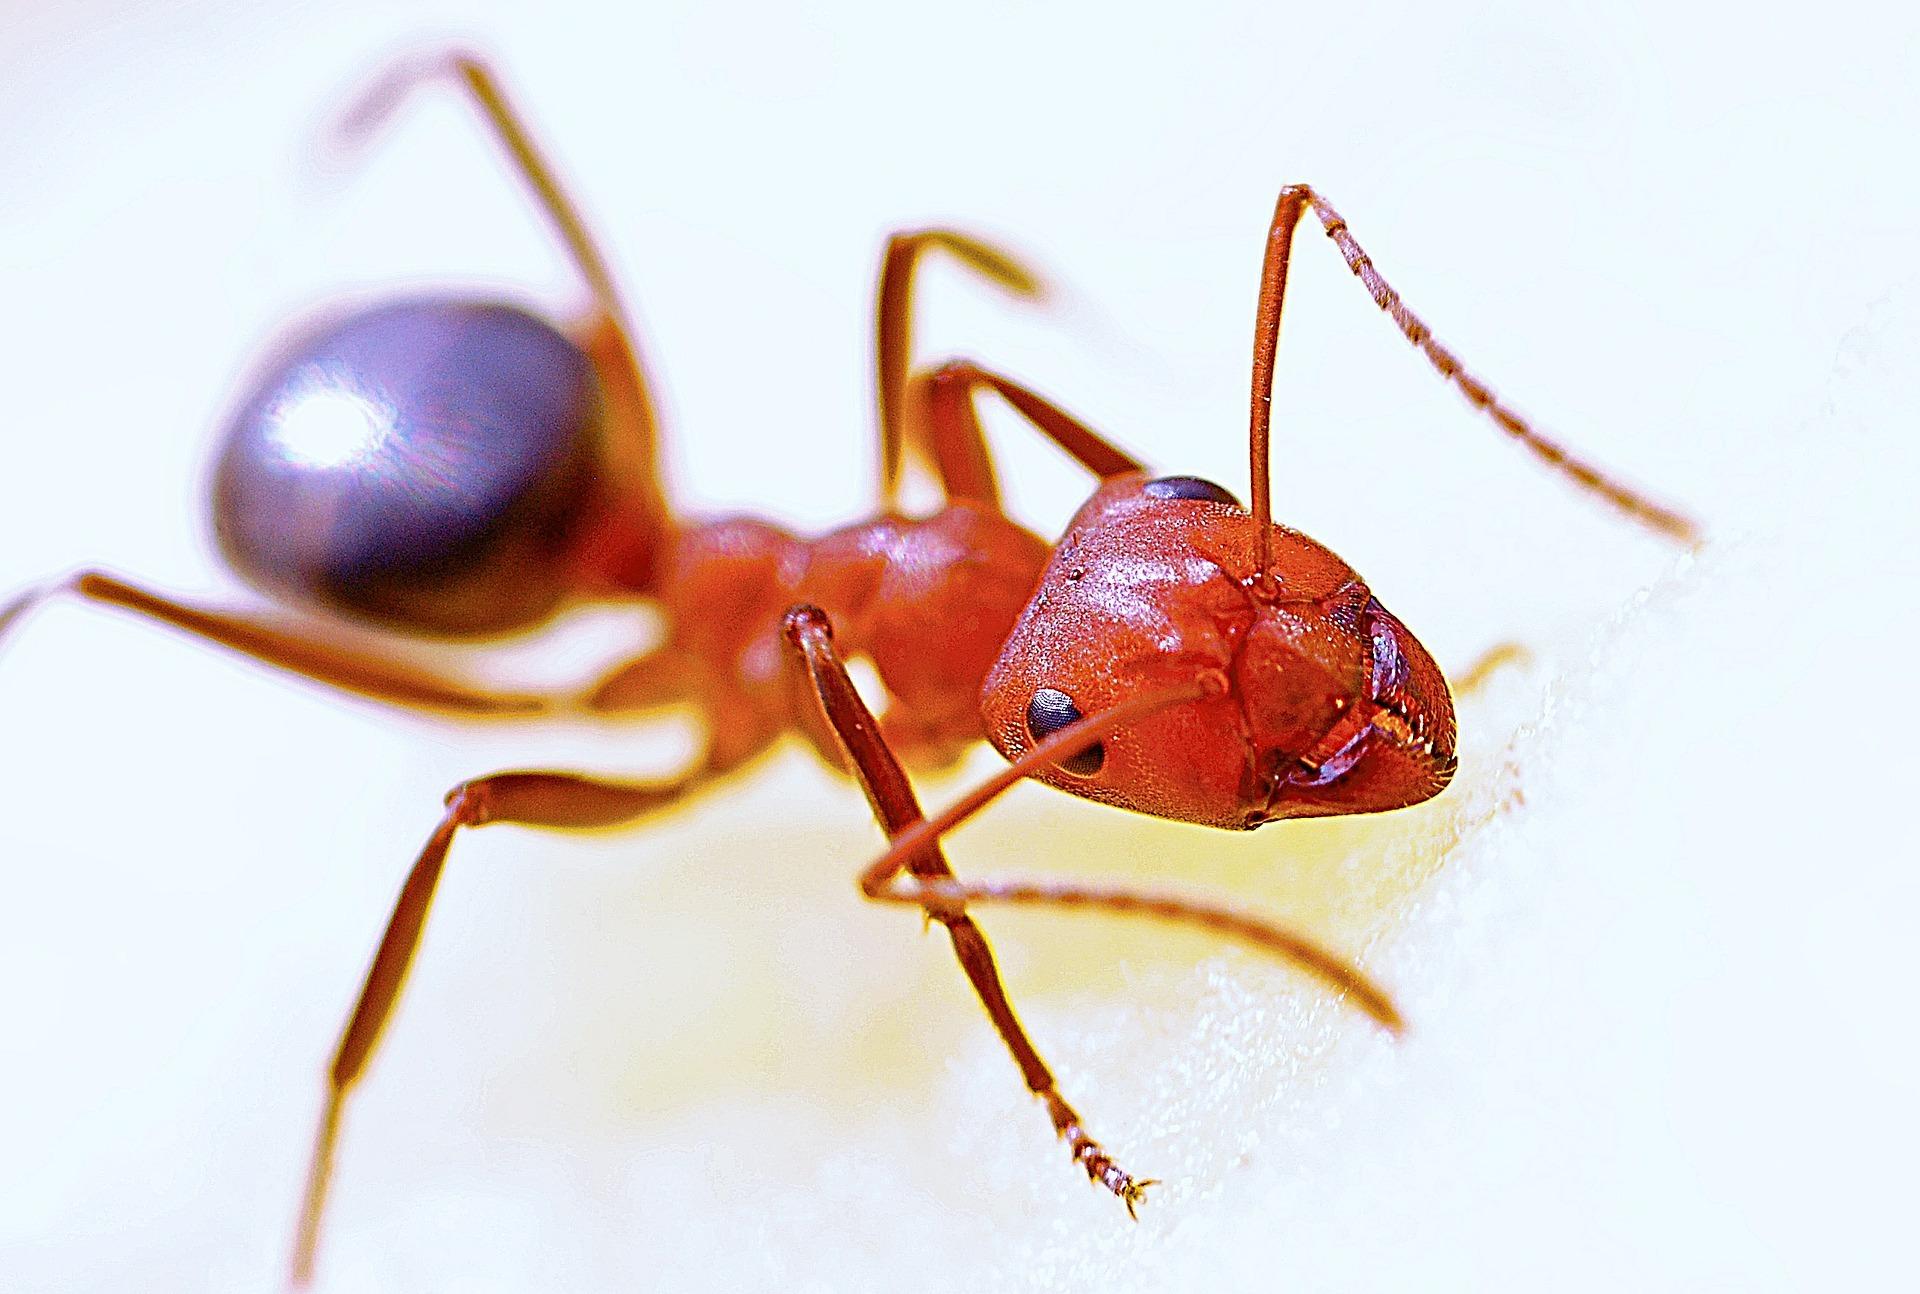 Die Ameisenkolonie in der Ameisenfarm auf liebrecht-projekte.de